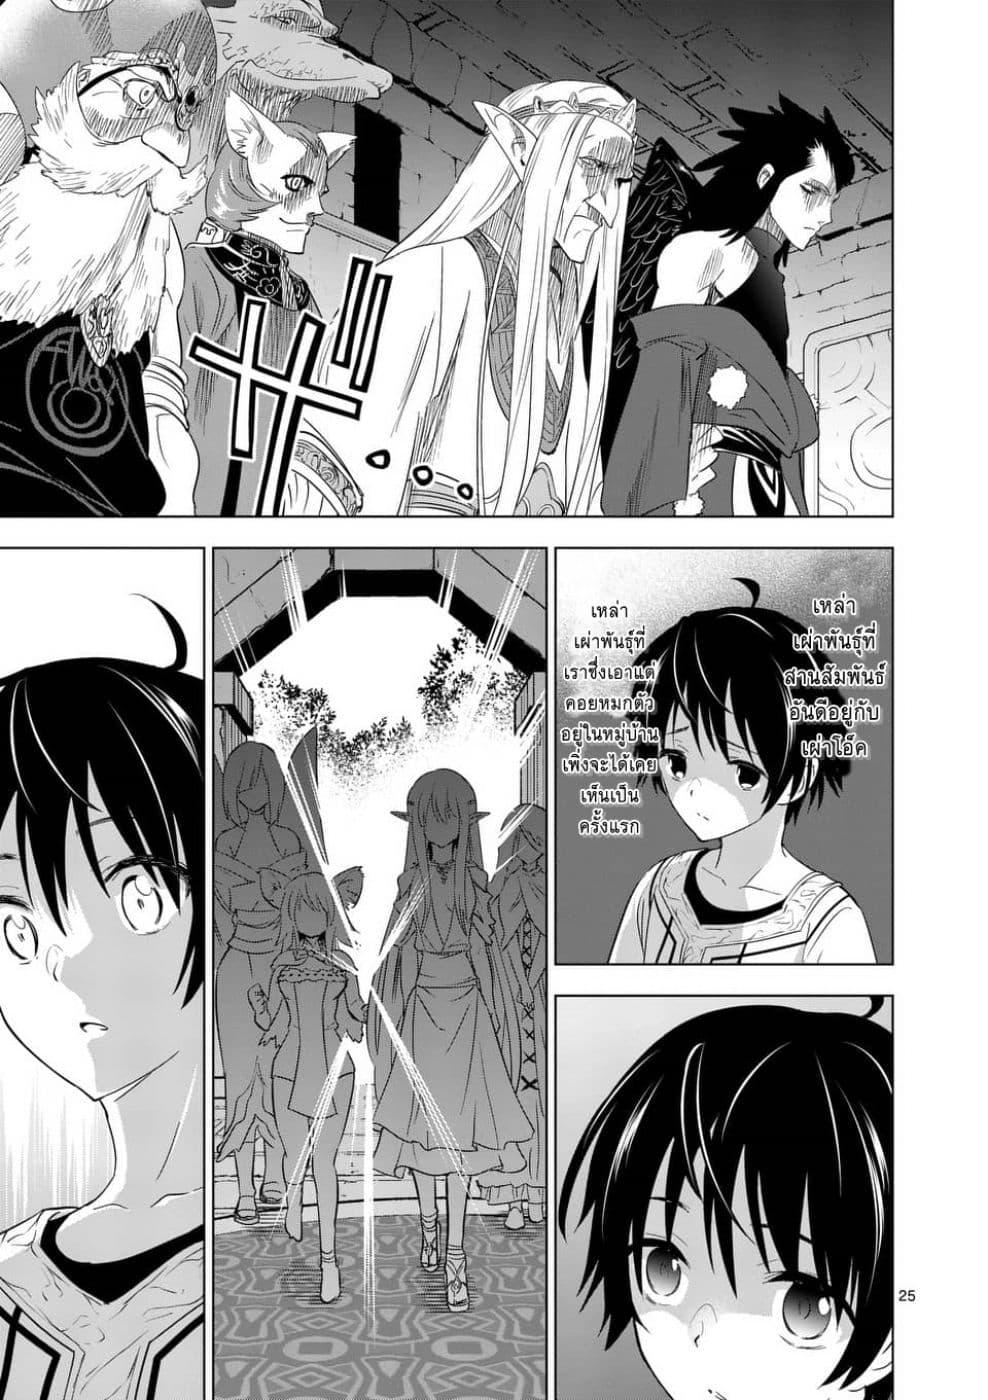 อ่านการ์ตูน Shijou Saikyou Oak-san no Tanoshii Tanetsuke Harem Zukuri ตอนที่ 1 หน้าที่ 23